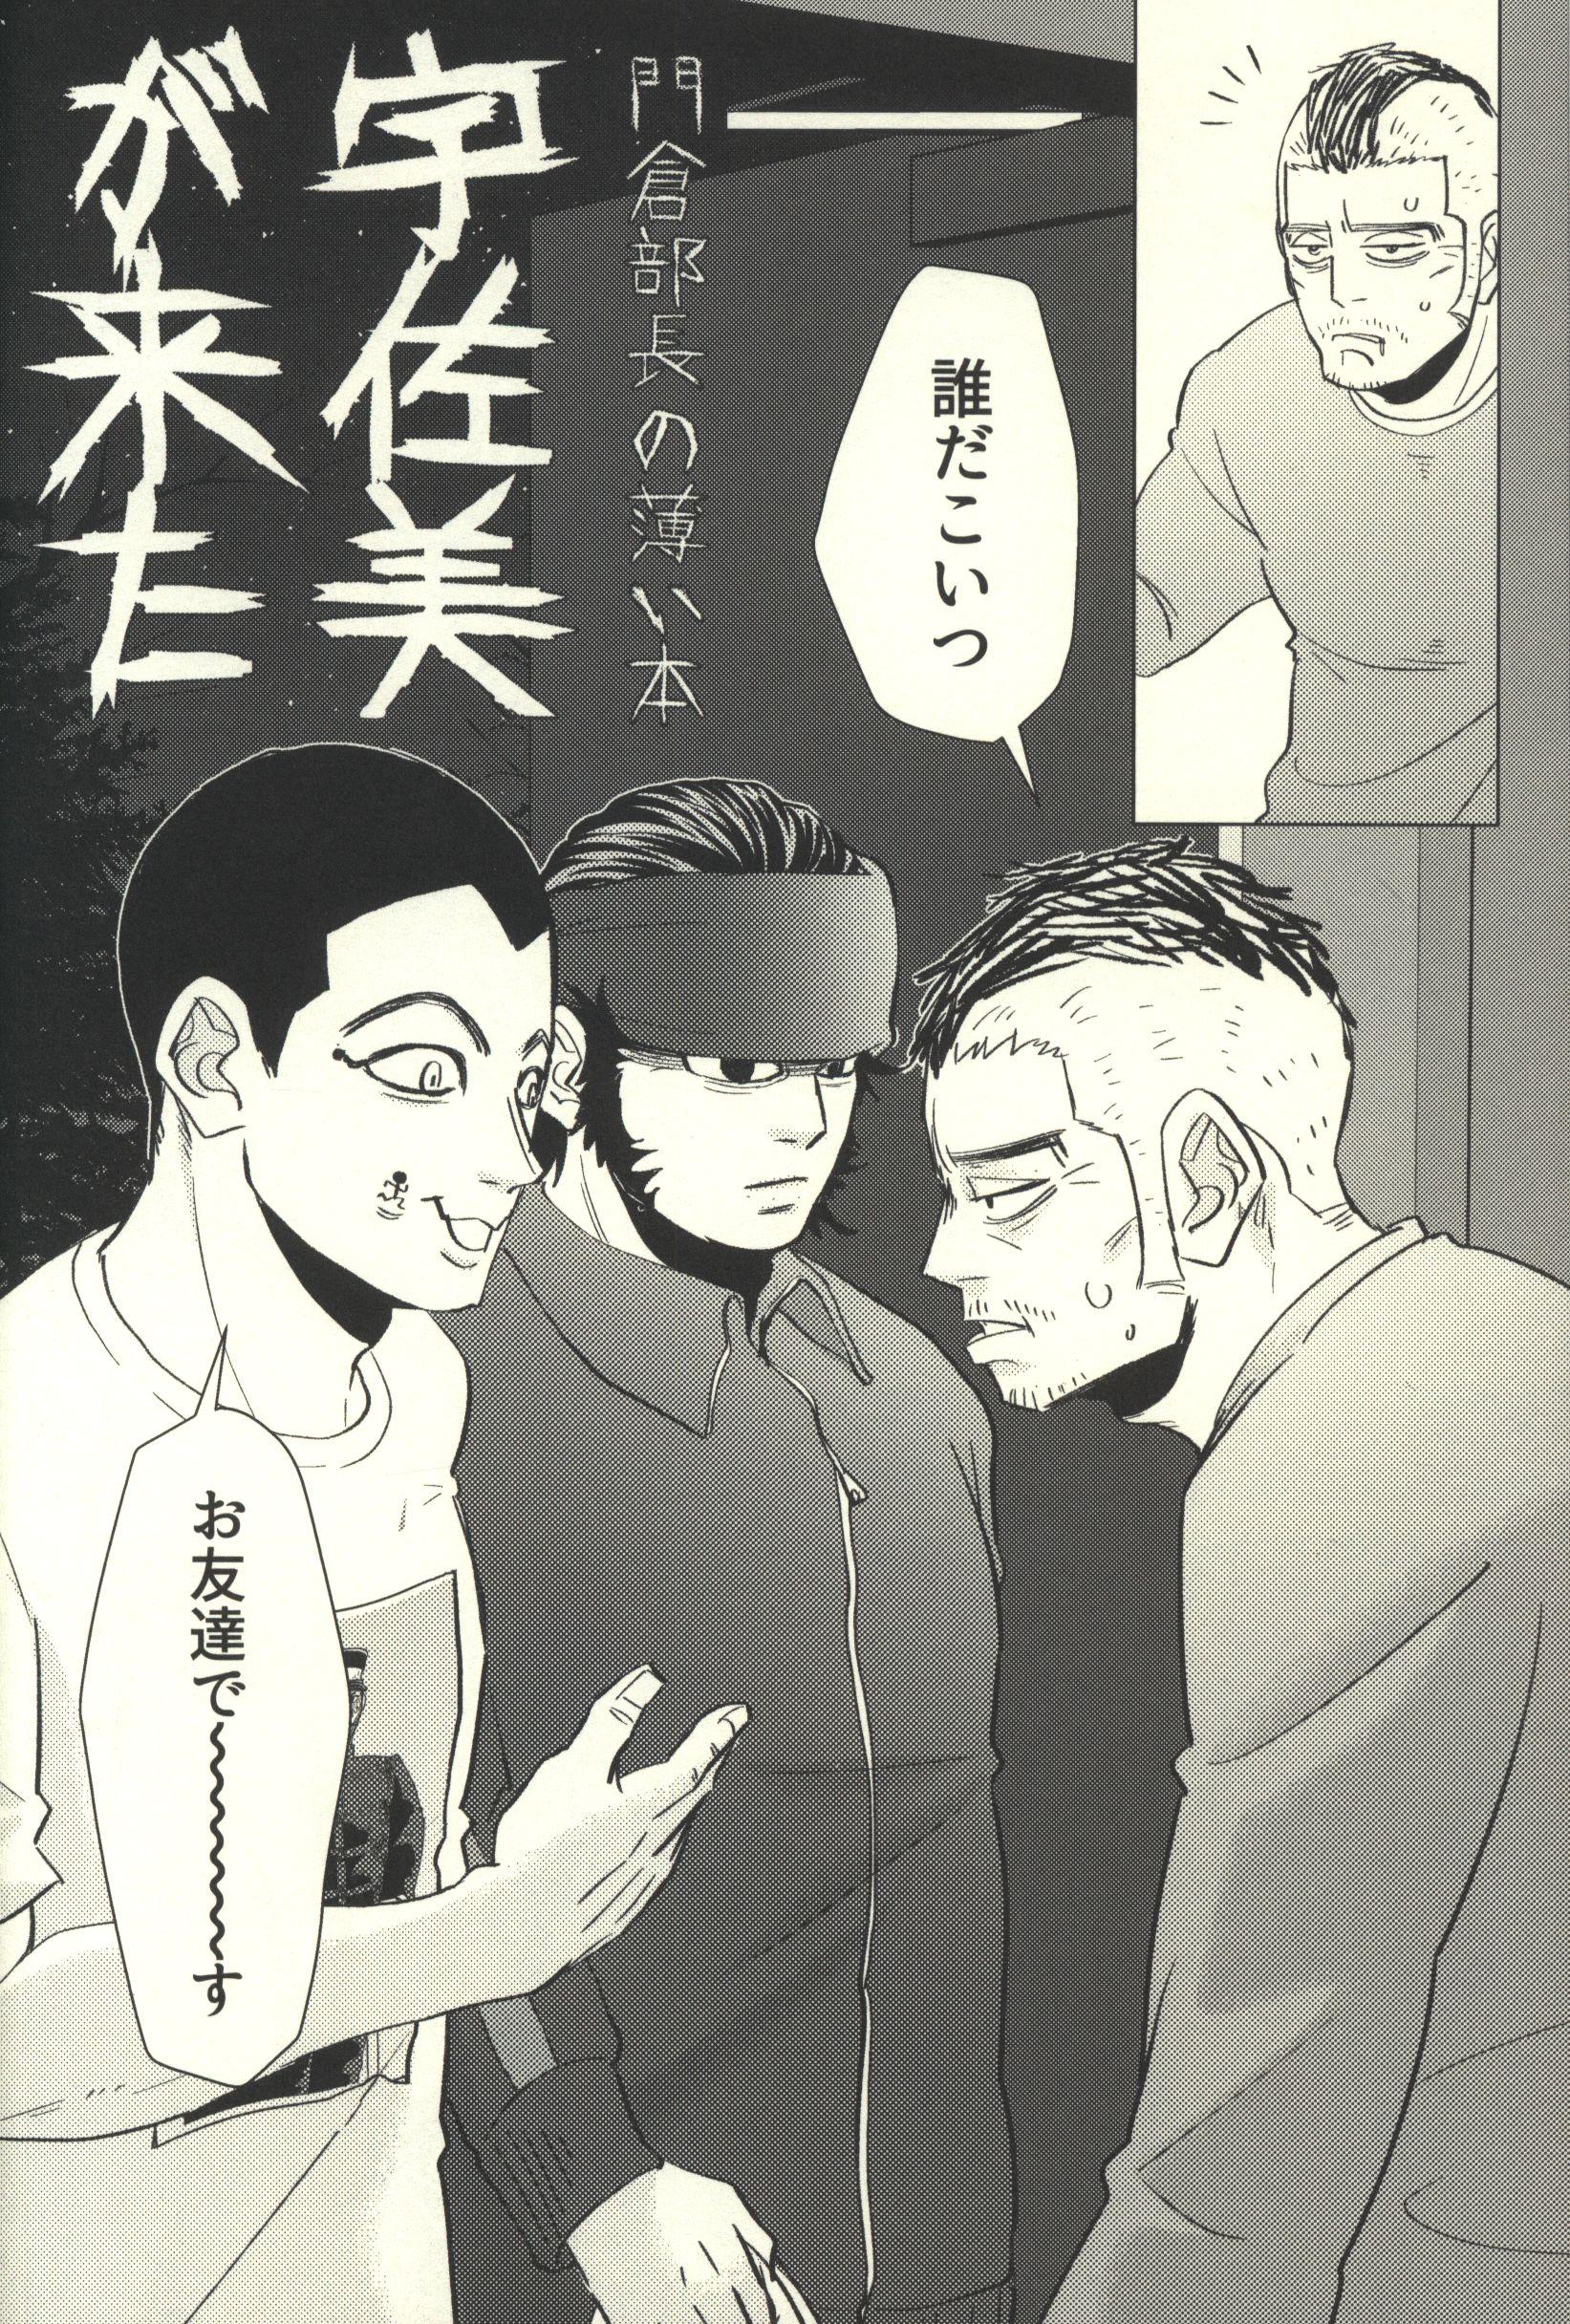 ゴールデン カムイ 宇佐美